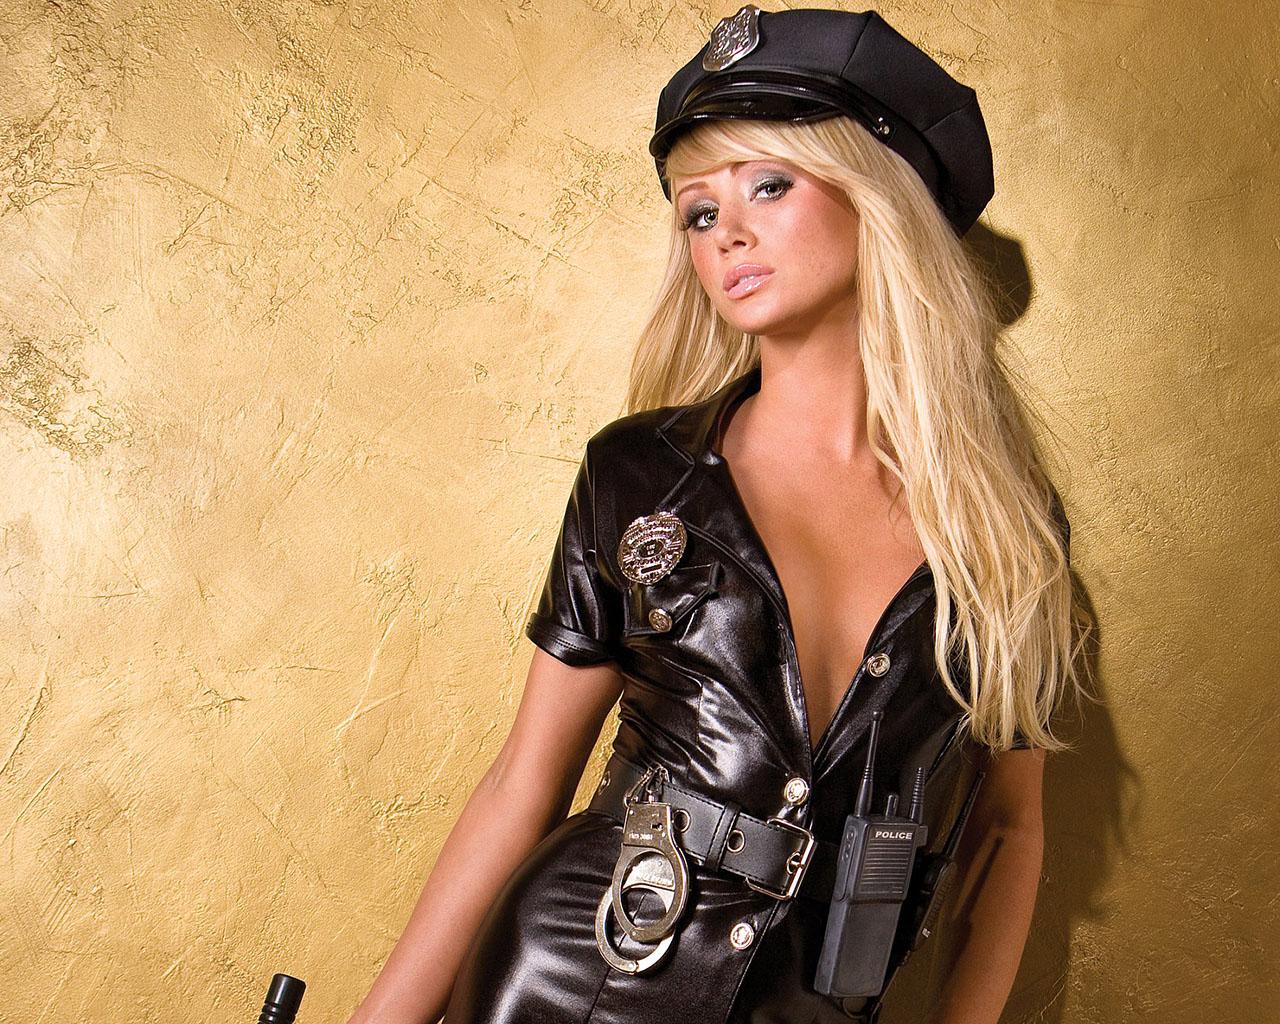 Блондинка в полицейской форме в тюрьме — img 5